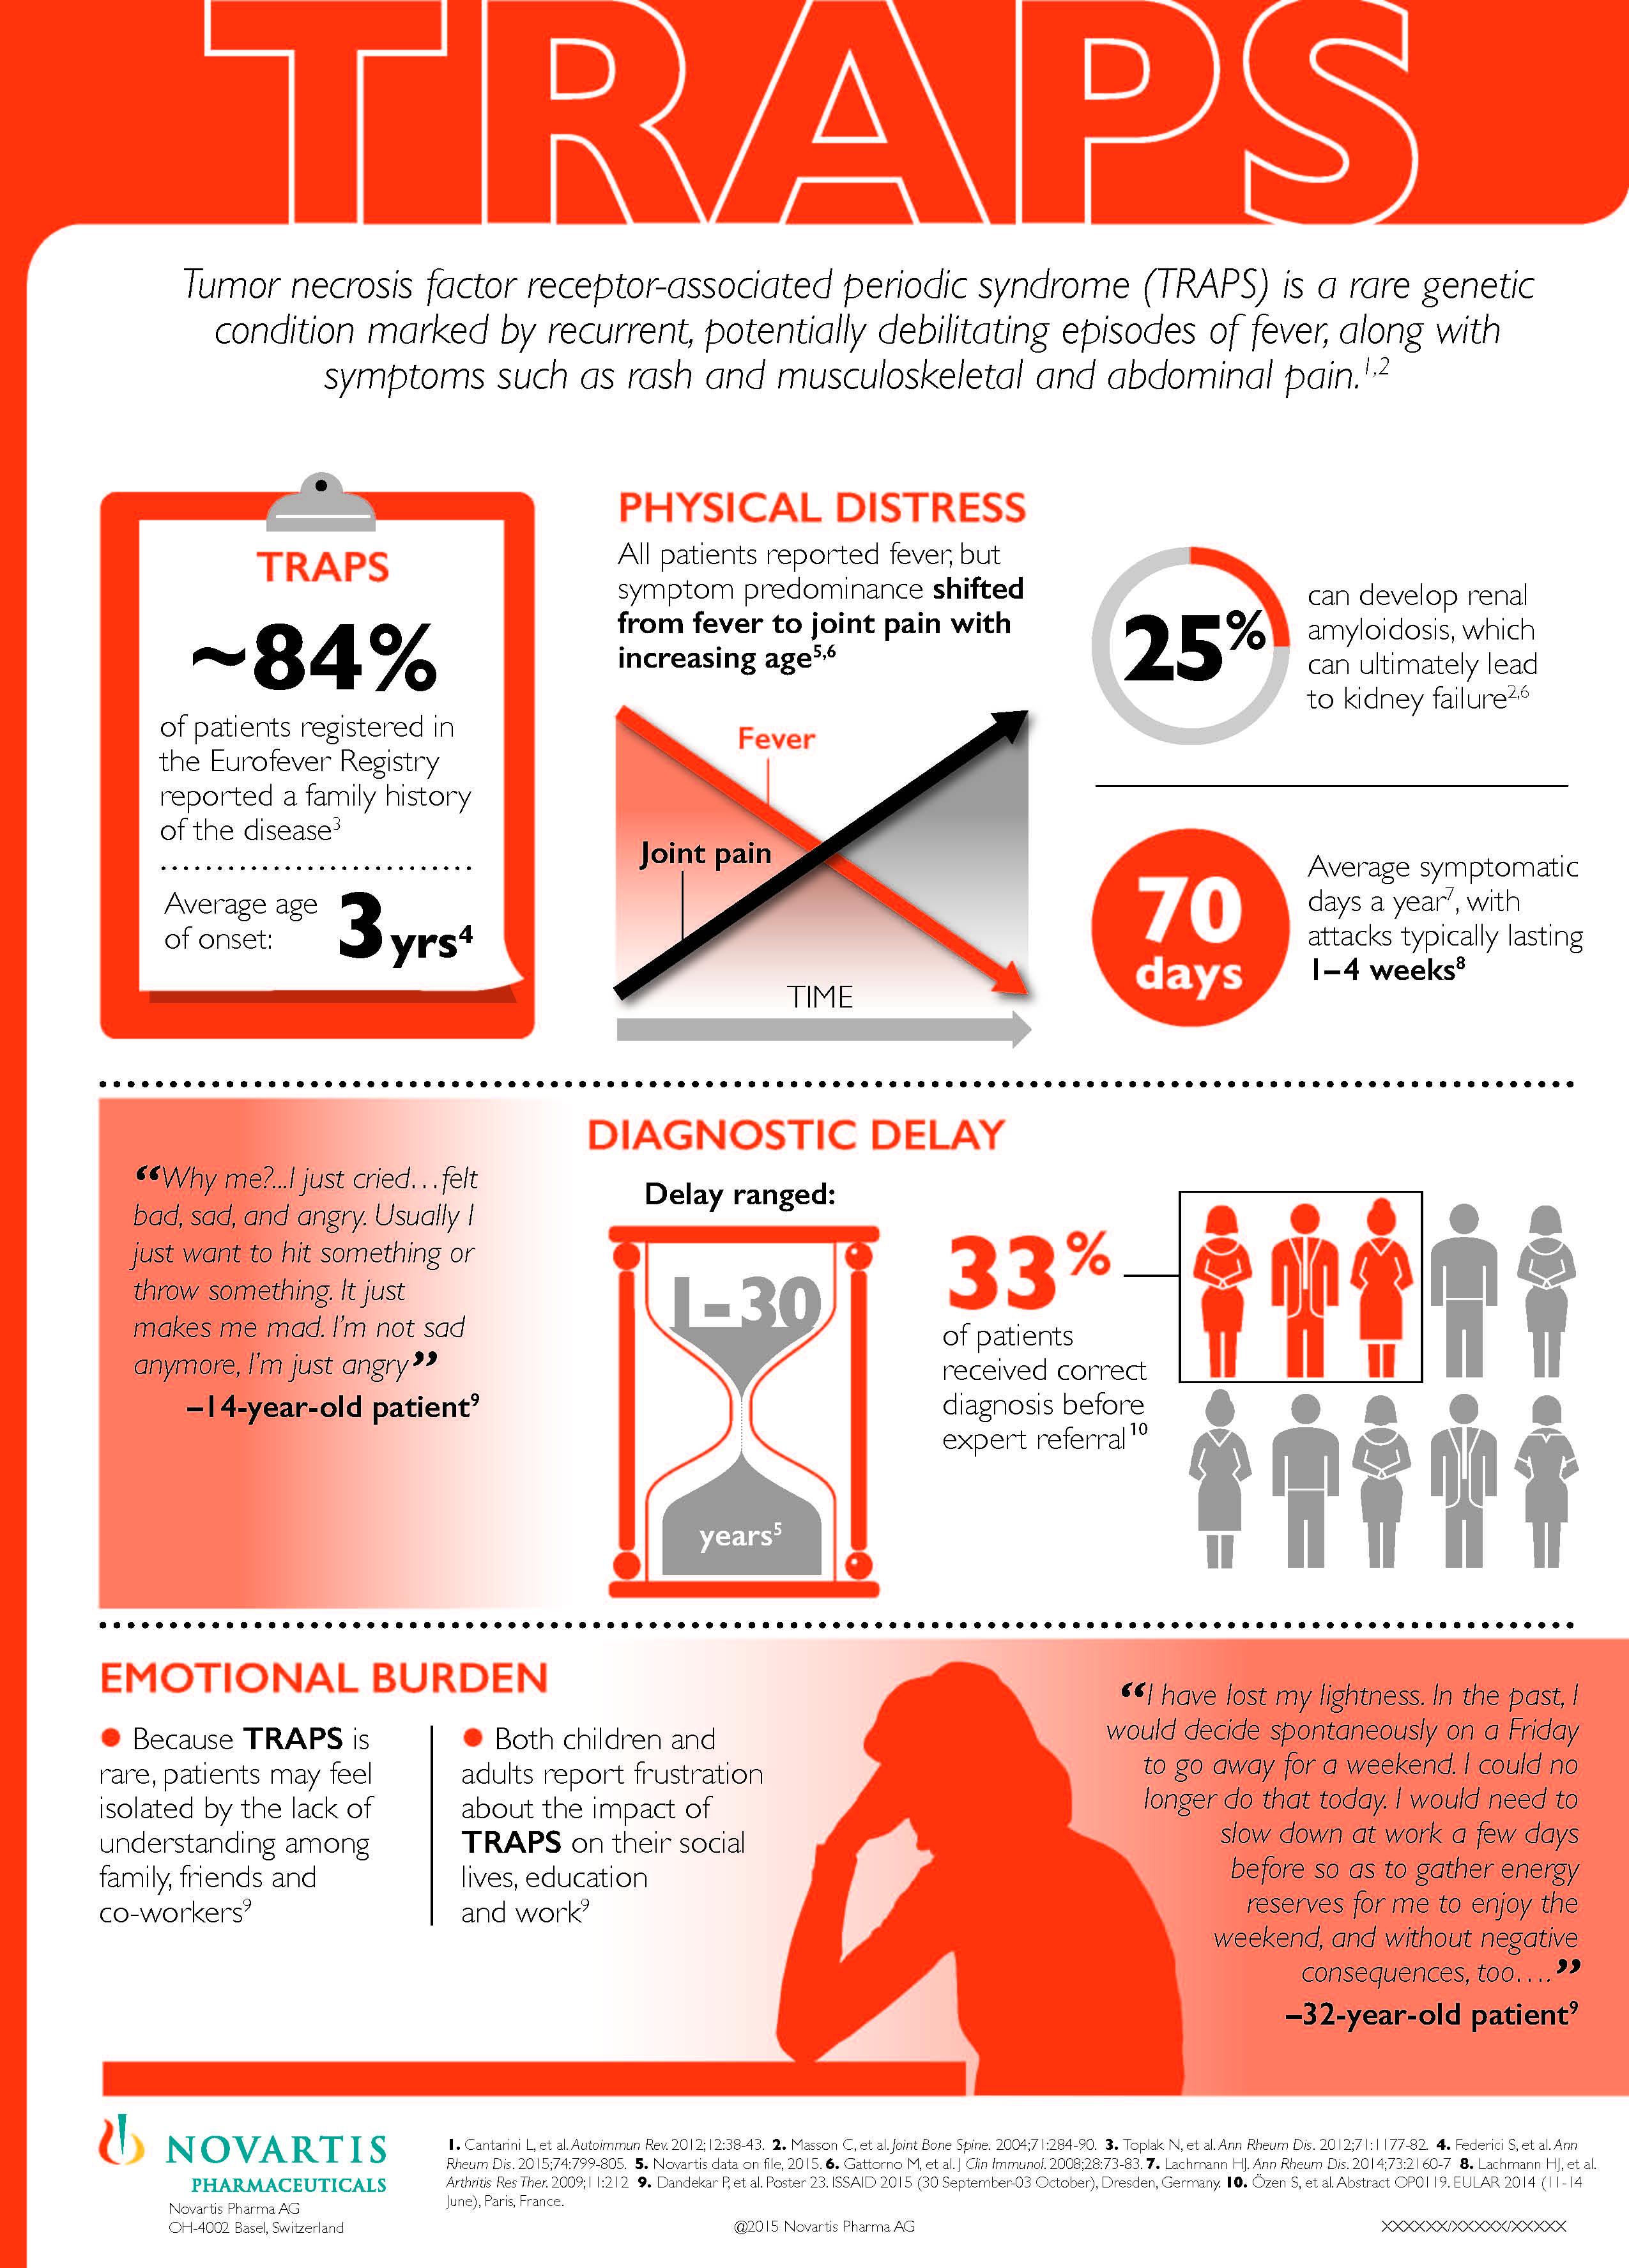 TRAPS infographic novartis 2016